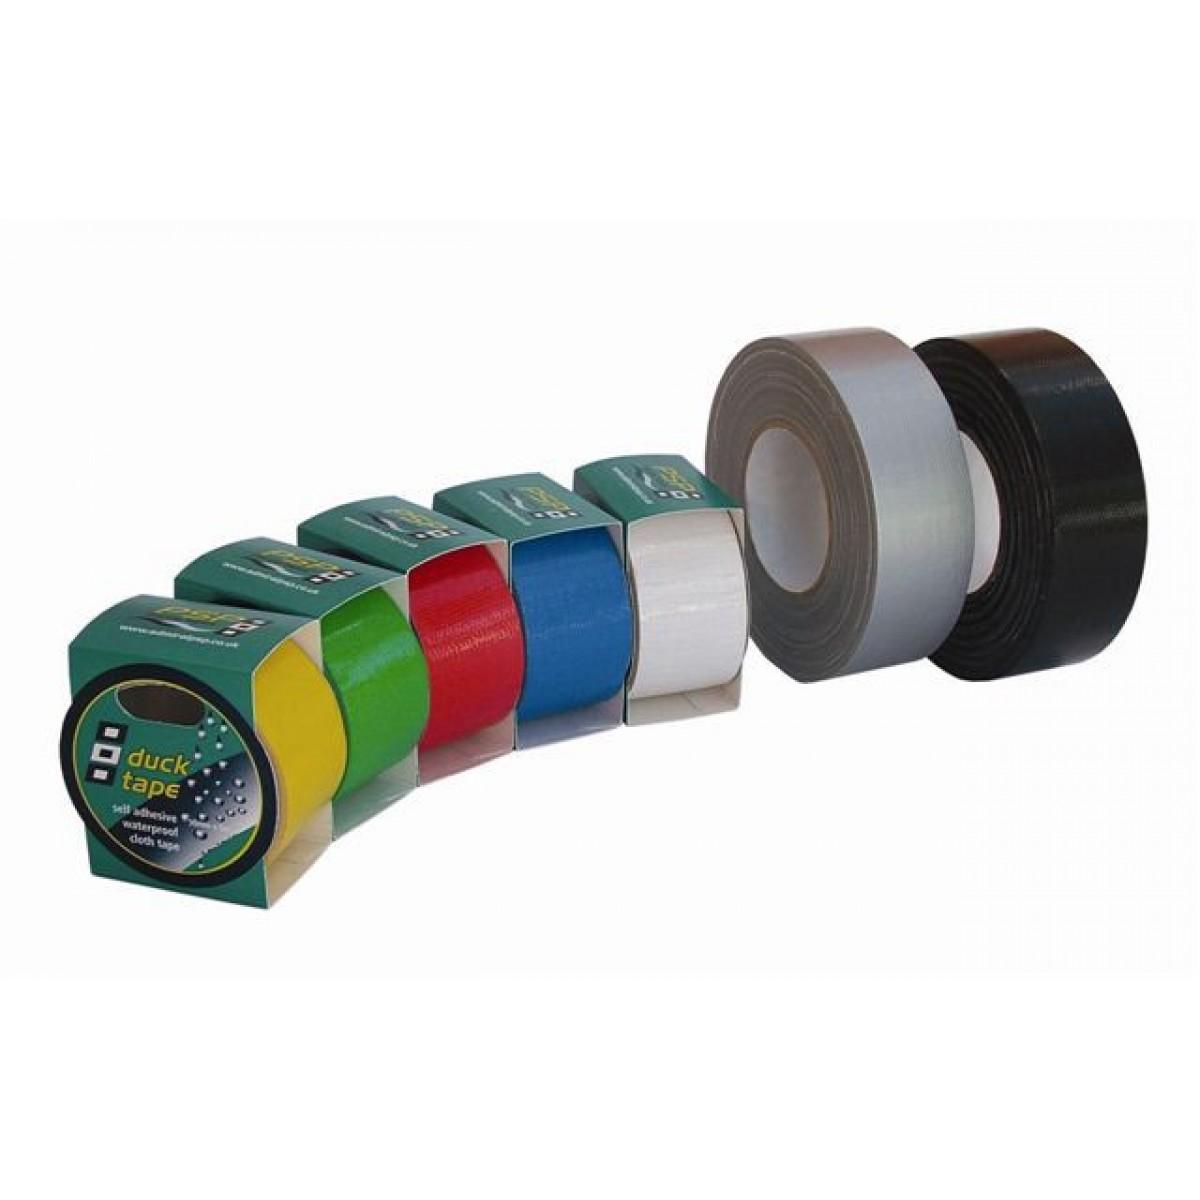 1 PEZZI MAGNETE Pellicola DIN a4 nastro magnetico 3m 9448a autoadesivo